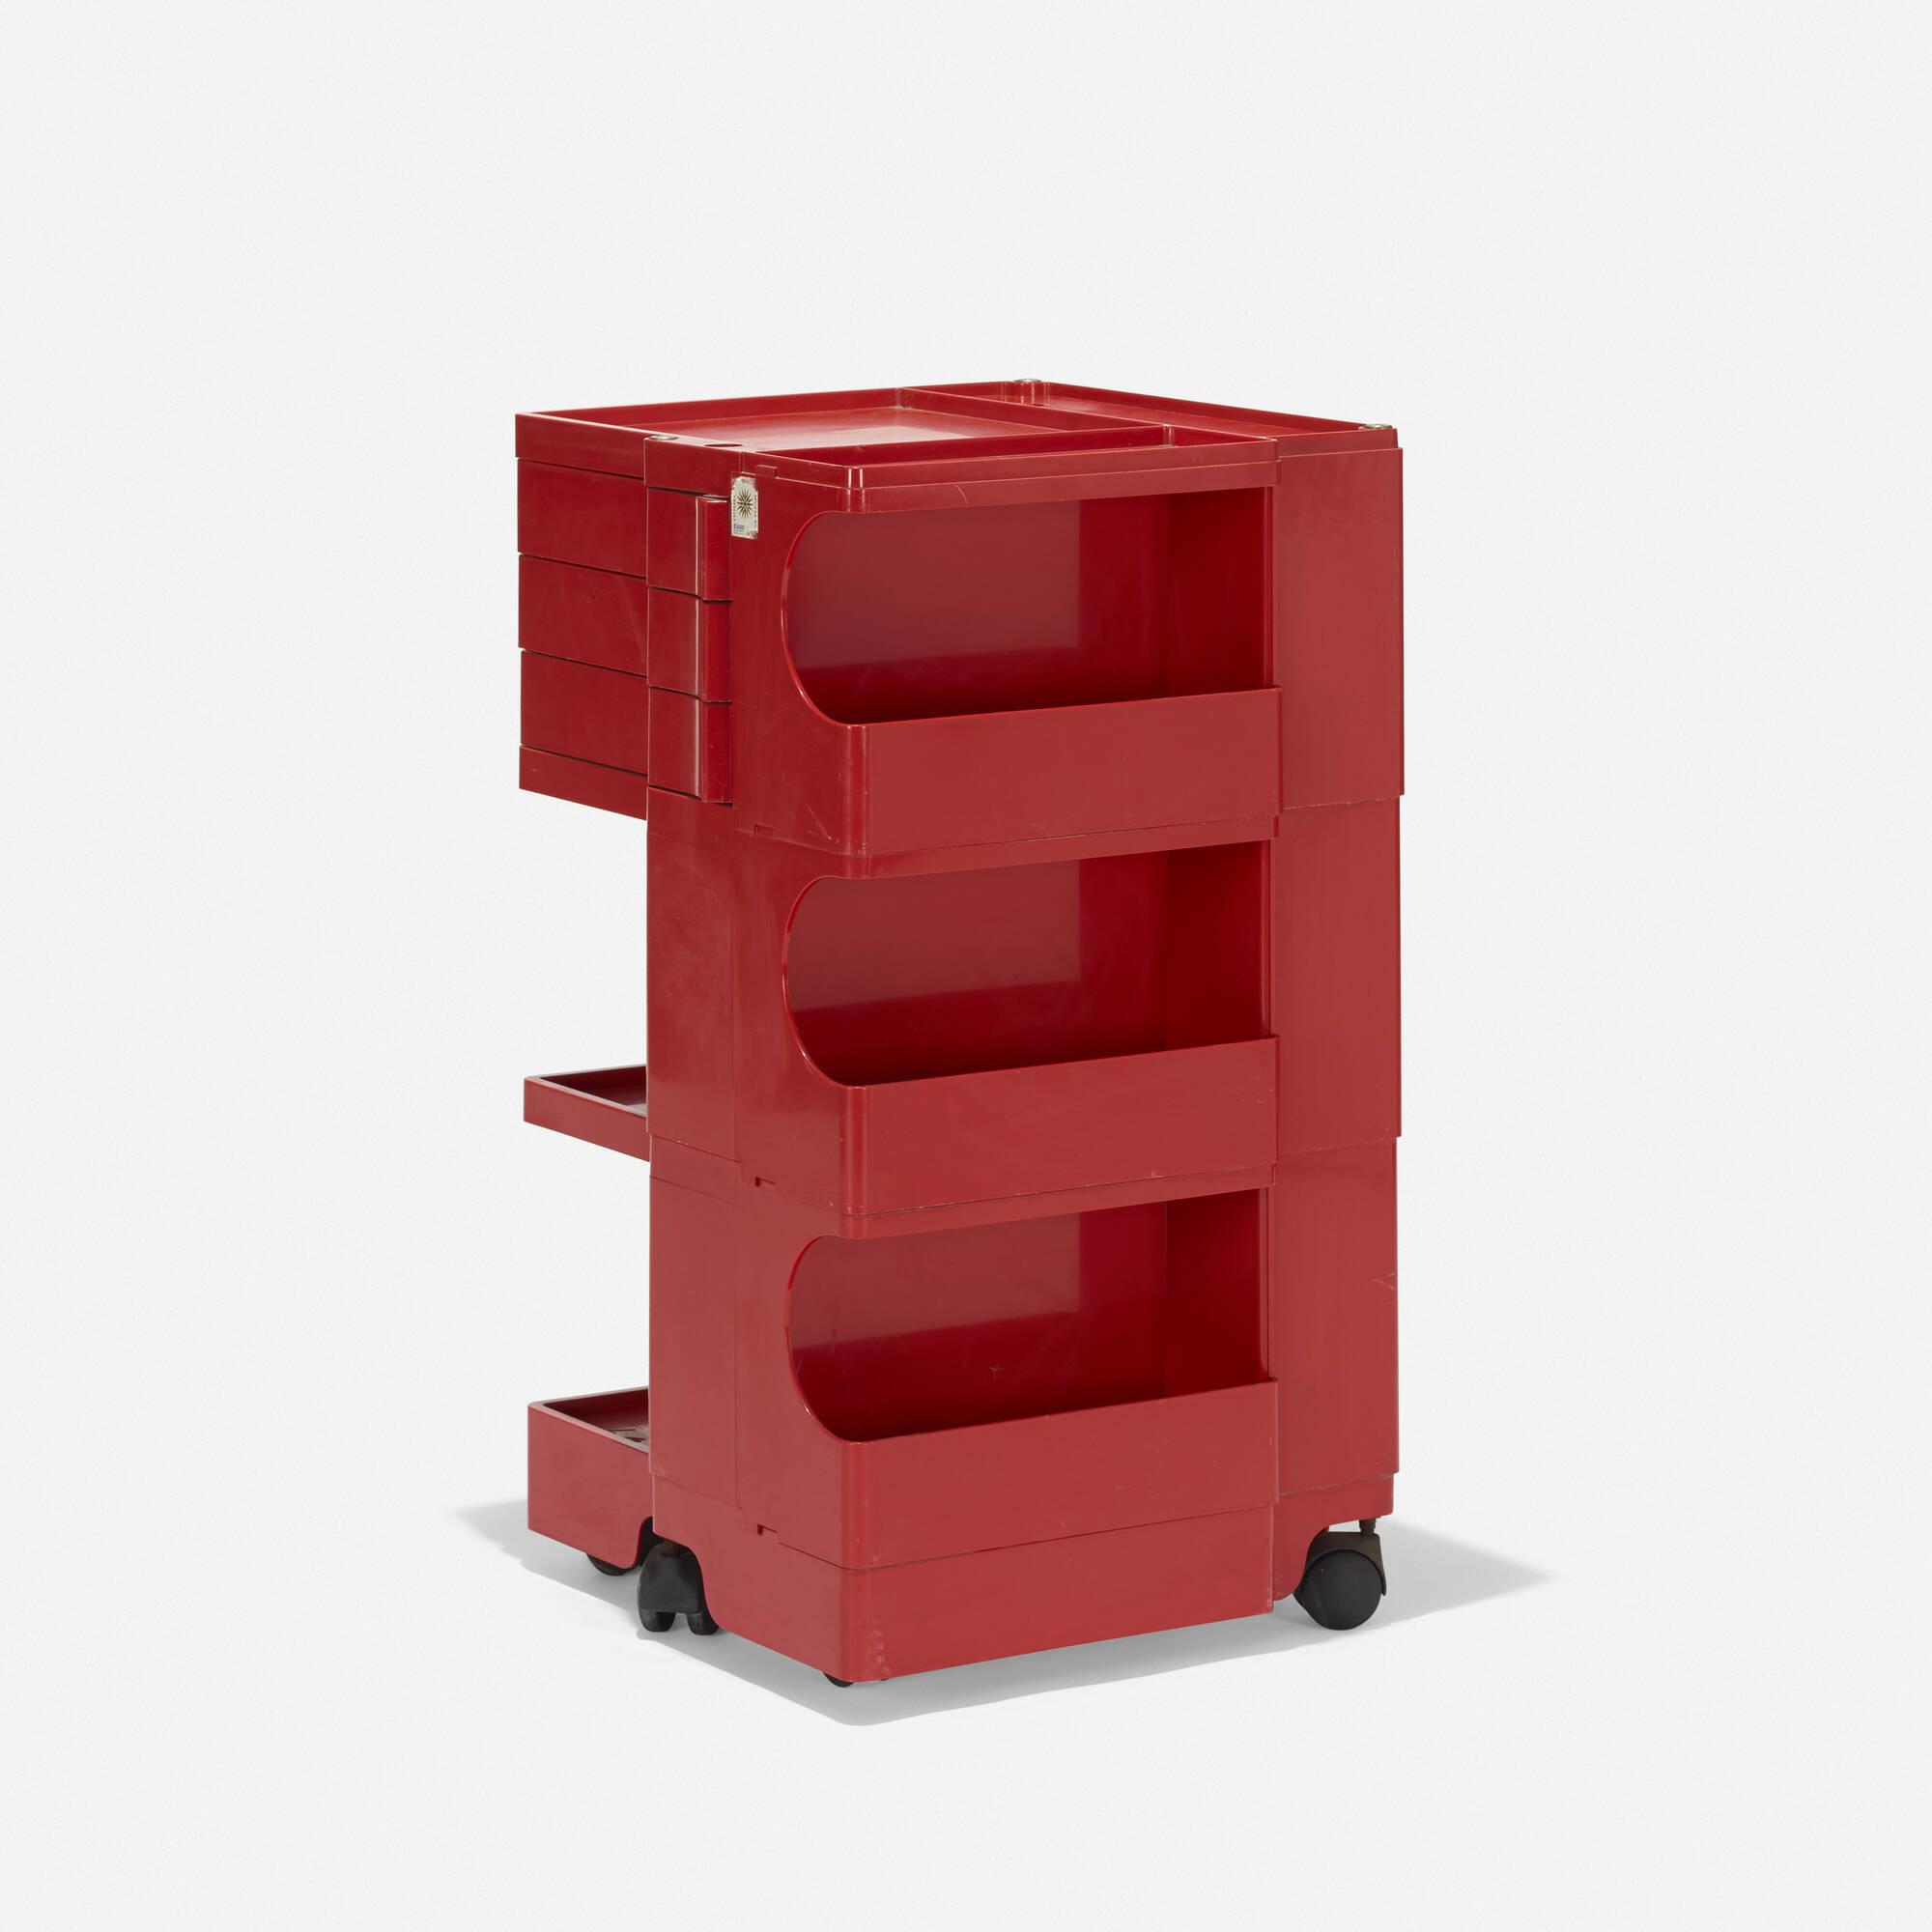 132: Joe Colombo / Boby 3 portable storage system (1 of 3)